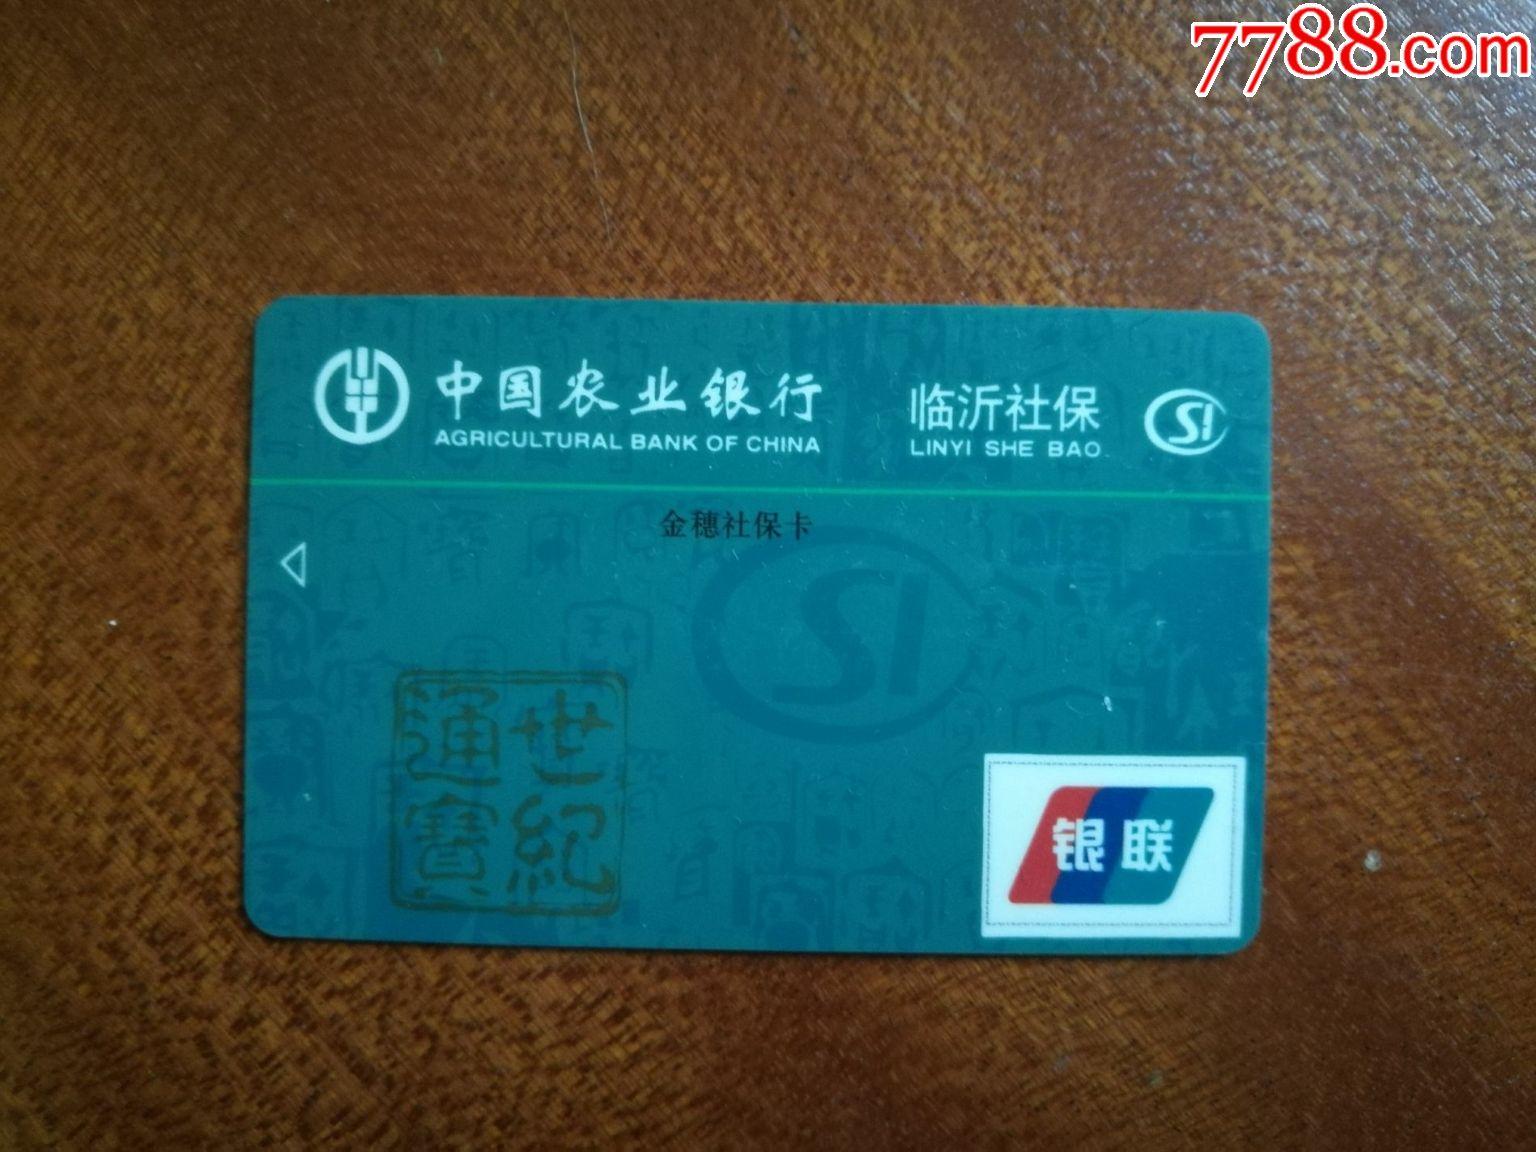 用农业银行卡充�z-._中国农业银行卡